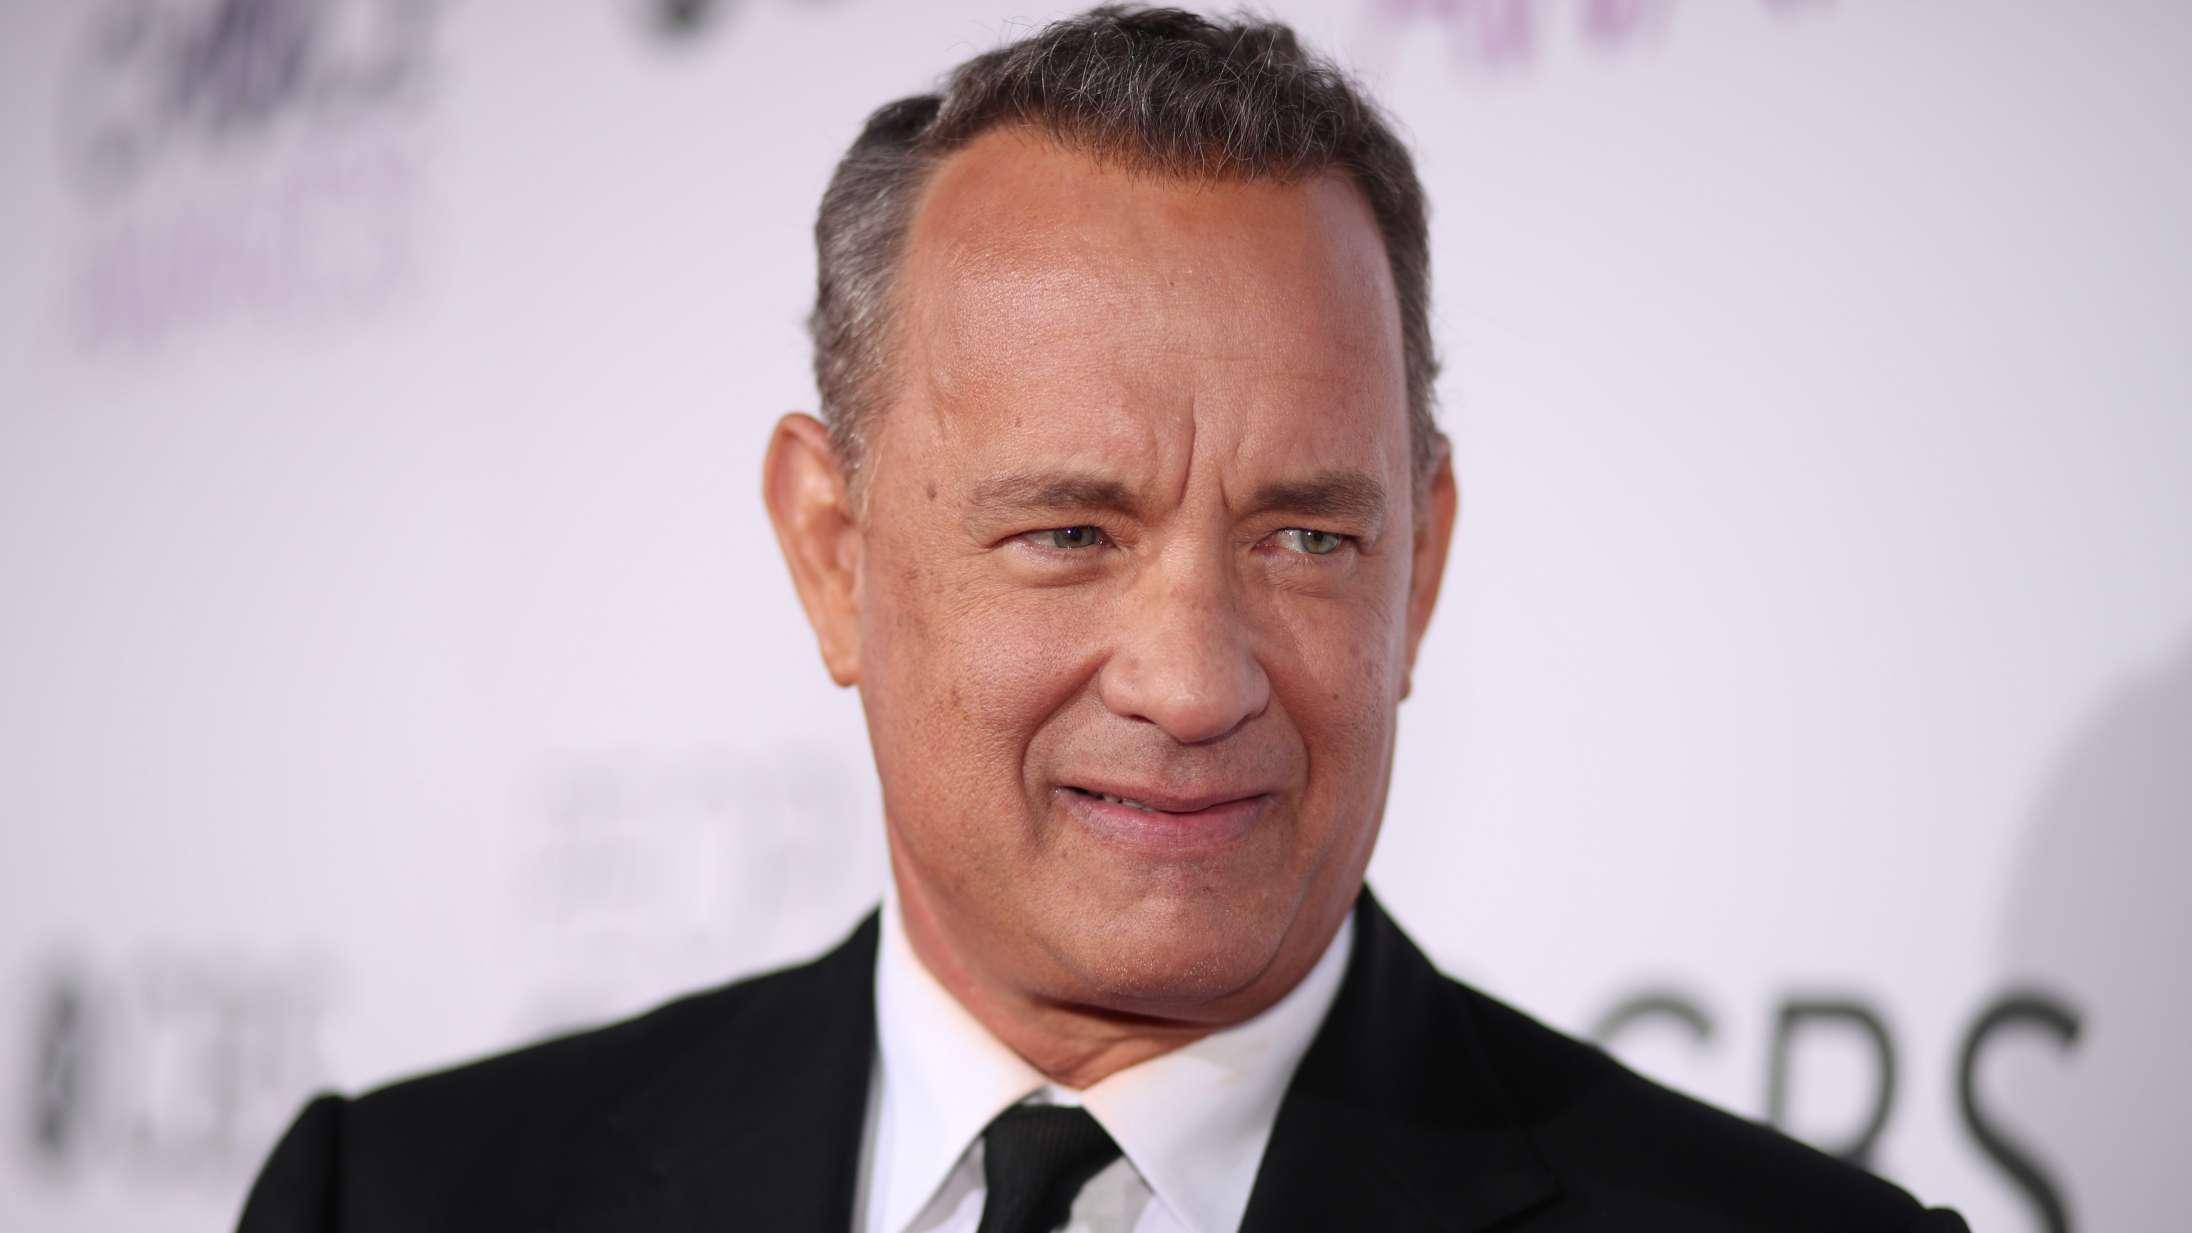 Tom Hanks lander rolle i Wes Andersons nye film